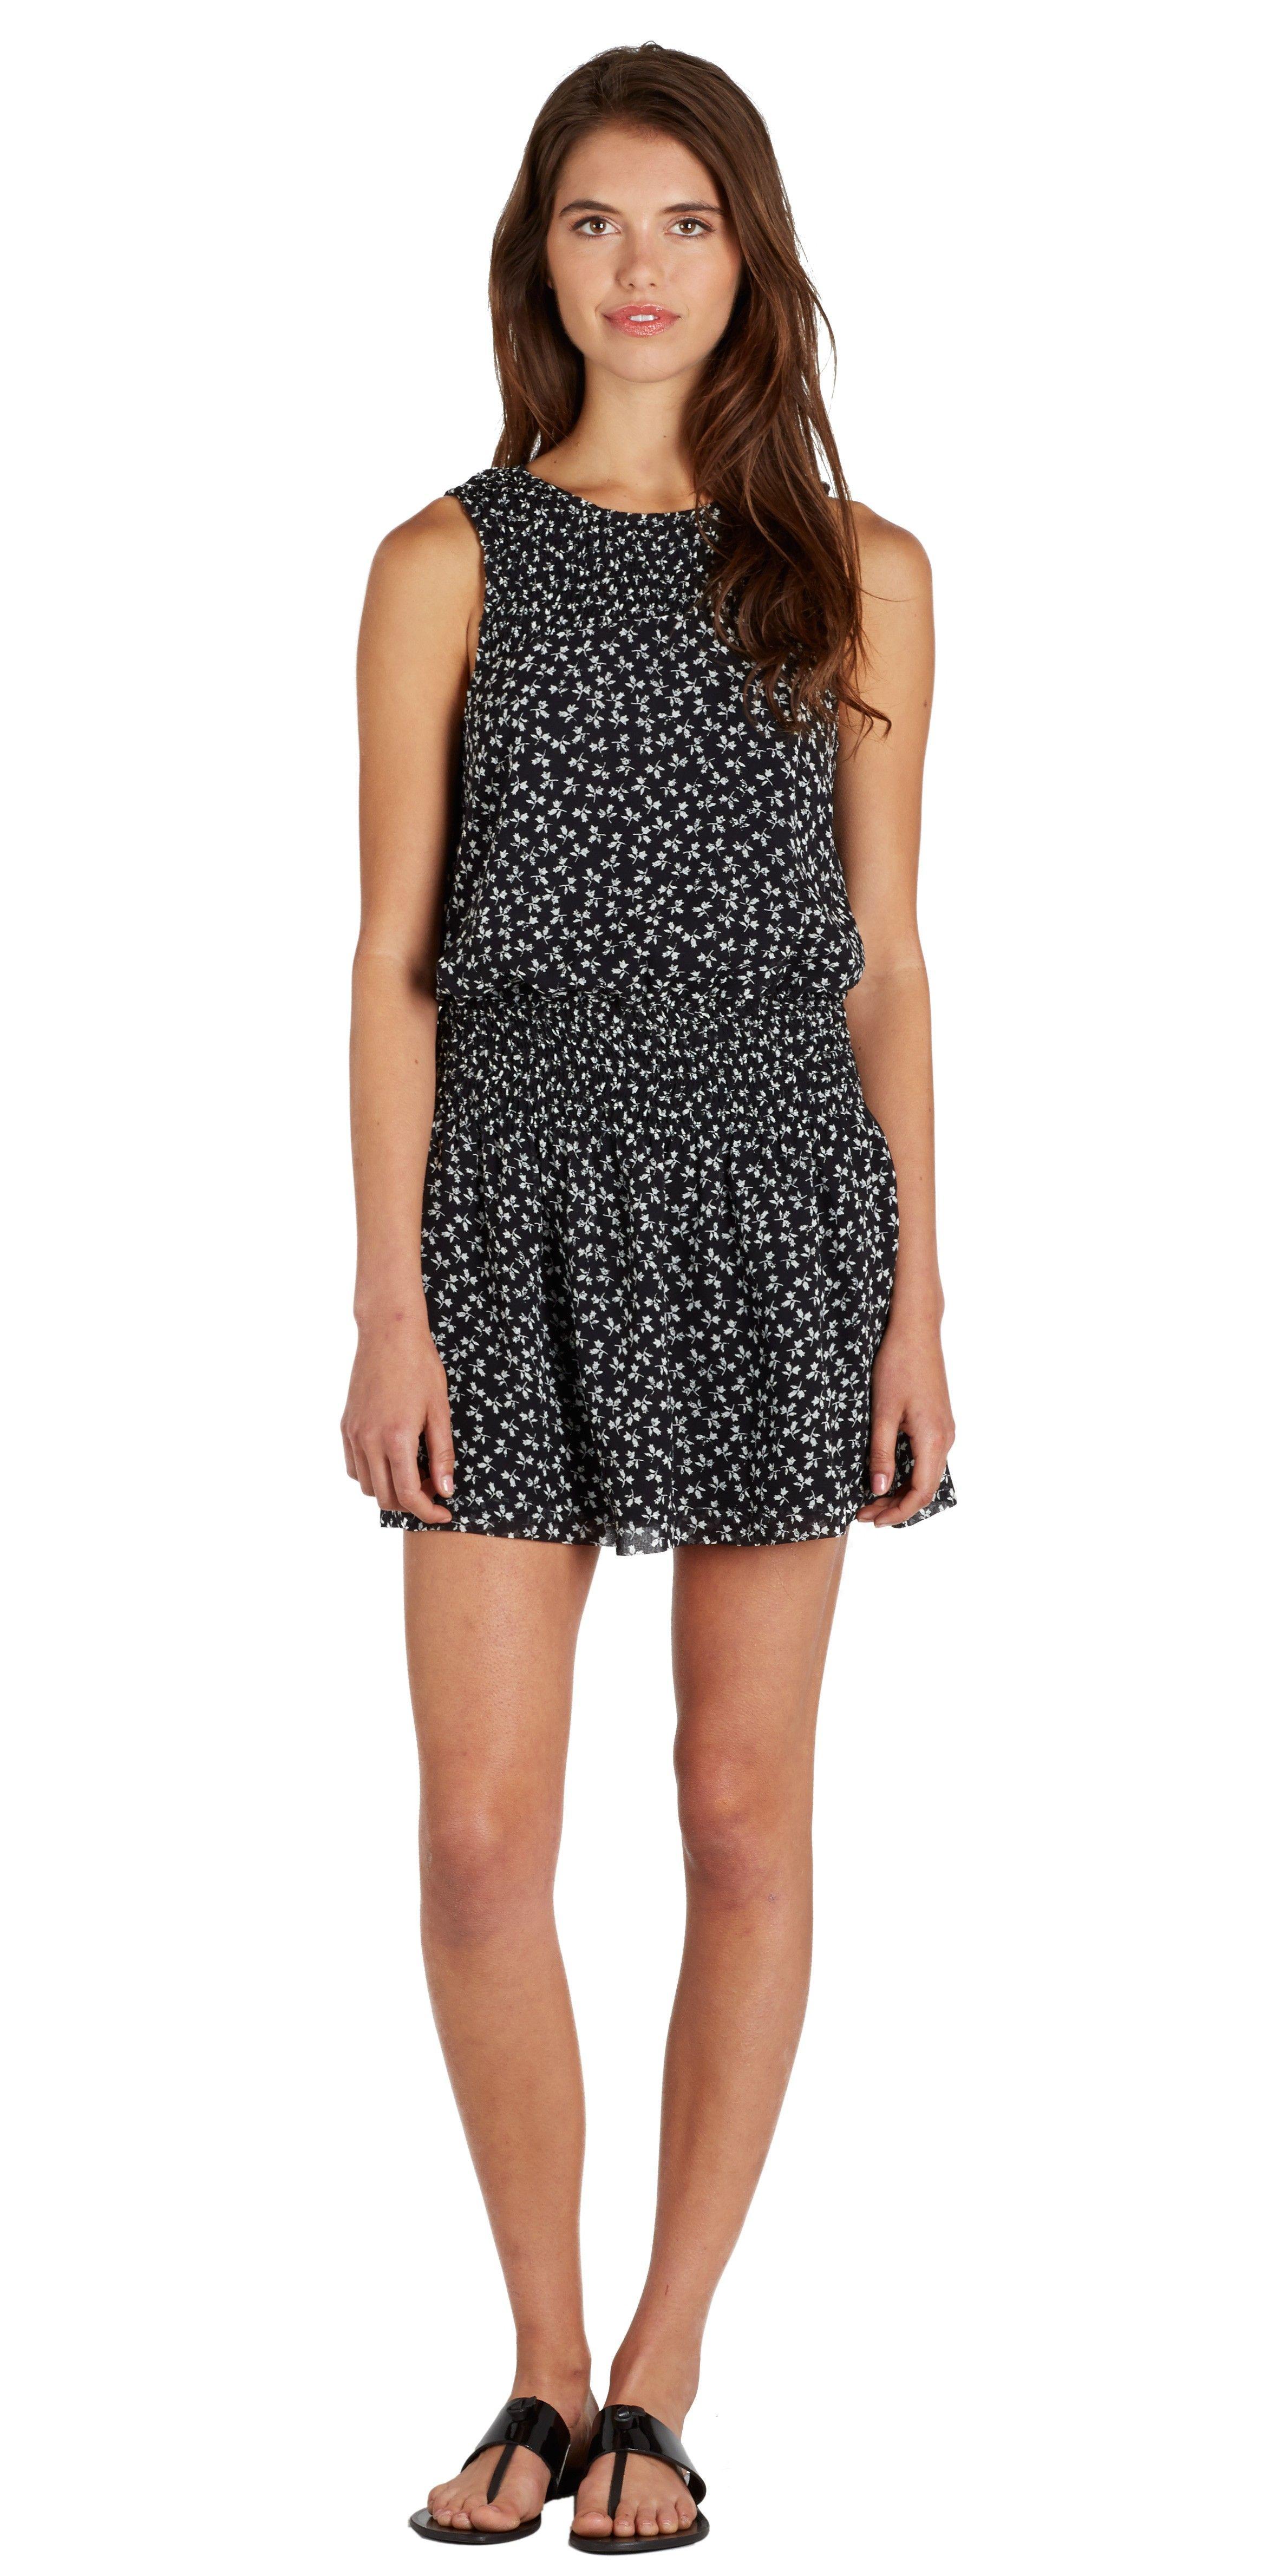 Joie Kieren Dress Caviar Porcelain Printed Silk Dress Dresses Joie Clothing Dress First [ 4758 x 2379 Pixel ]